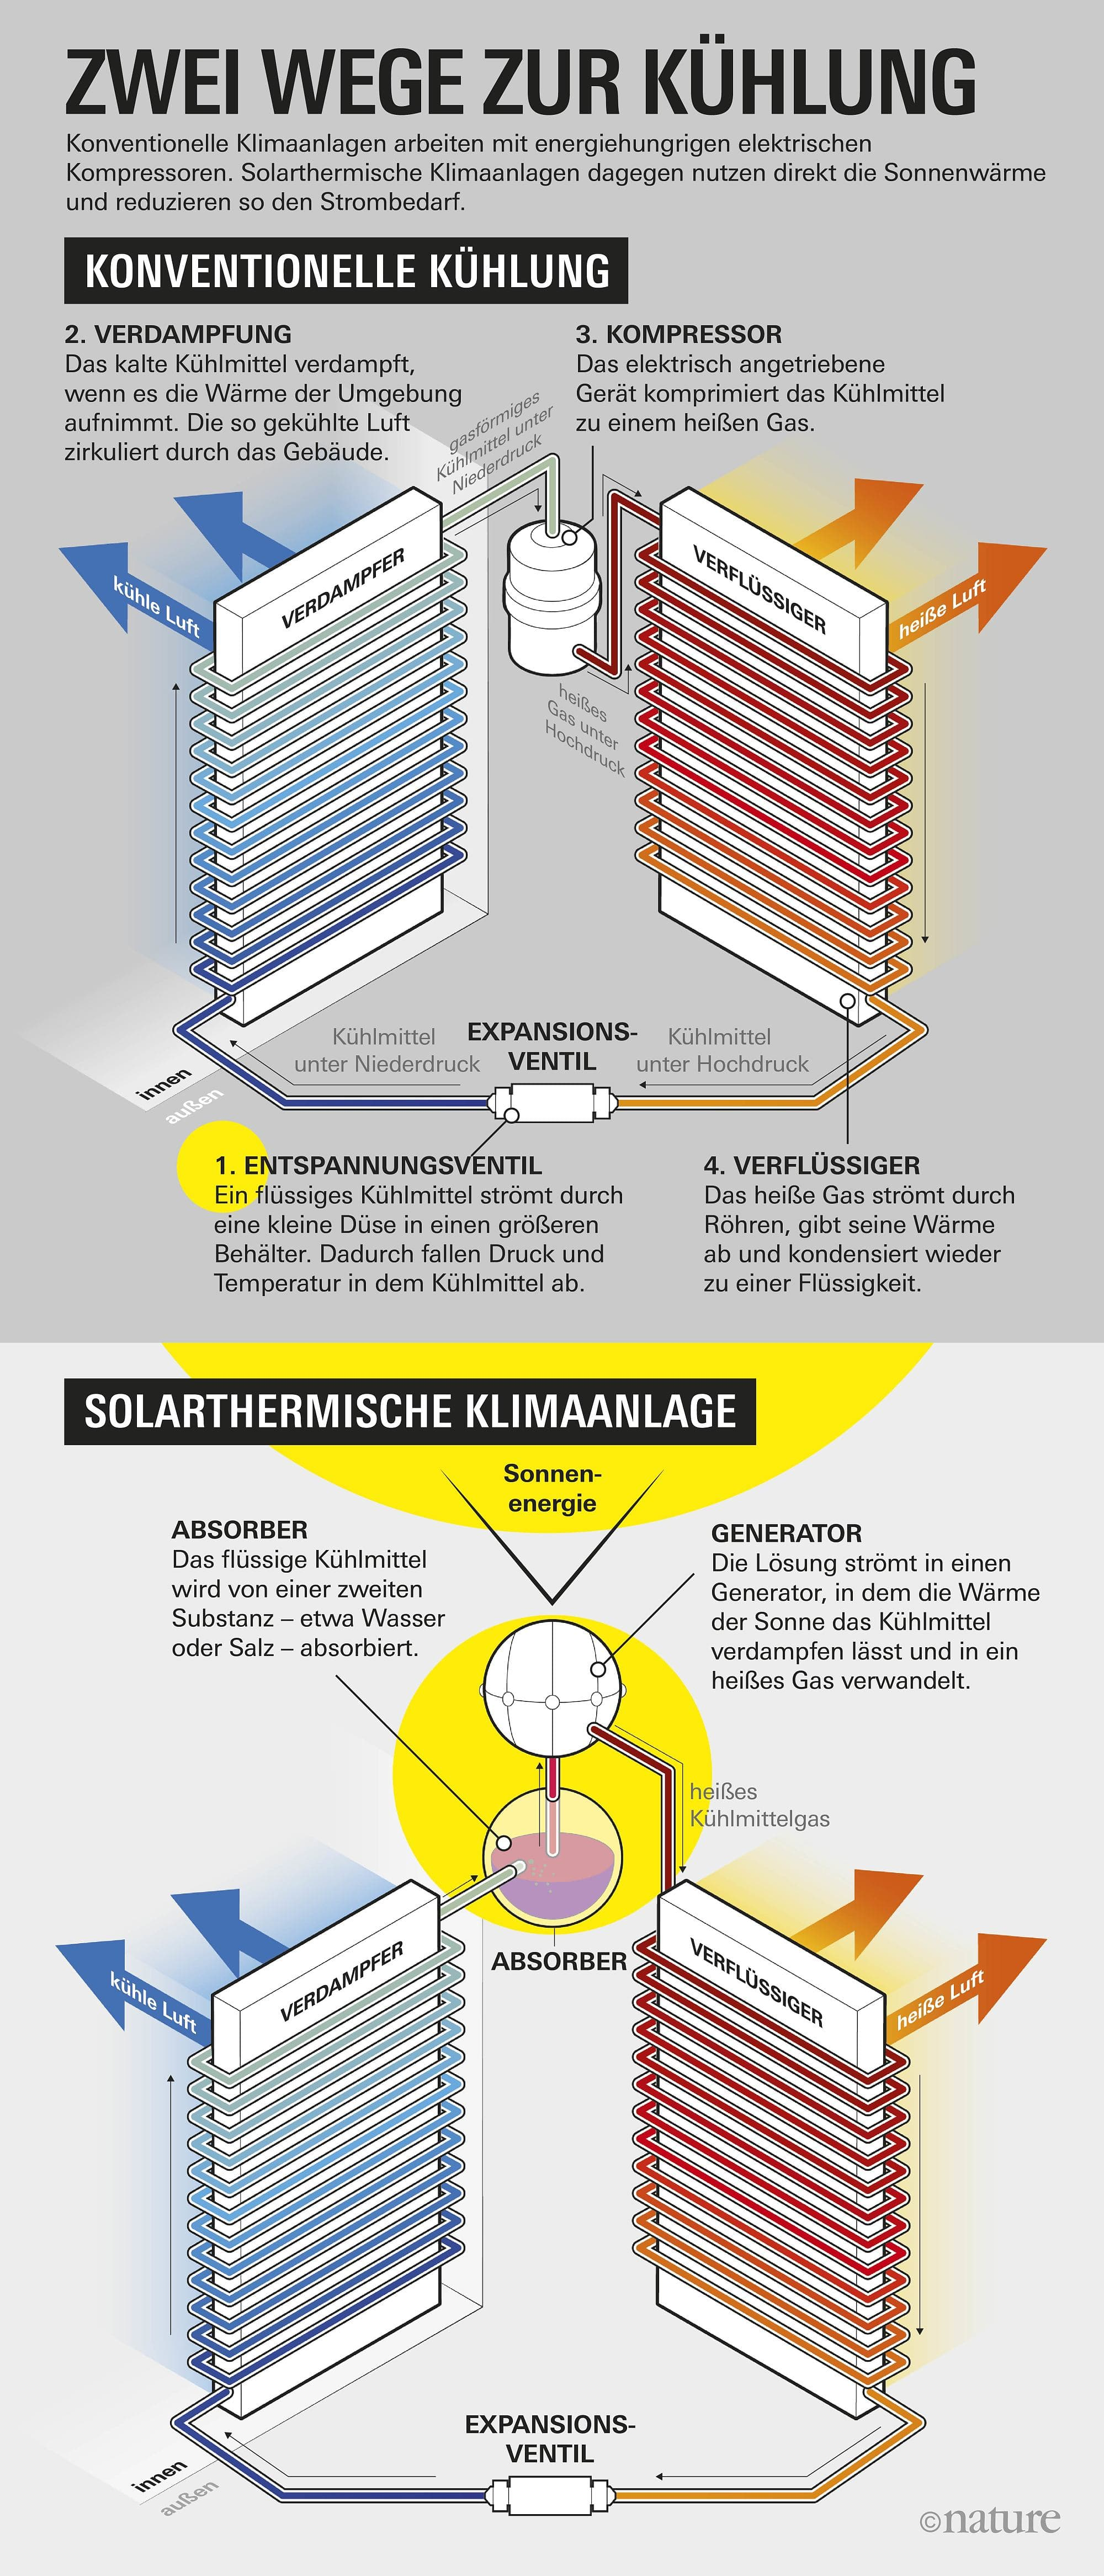 Ziemlich Elektrisches Verdrahtungssymbol Galerie - Schaltplan Serie ...